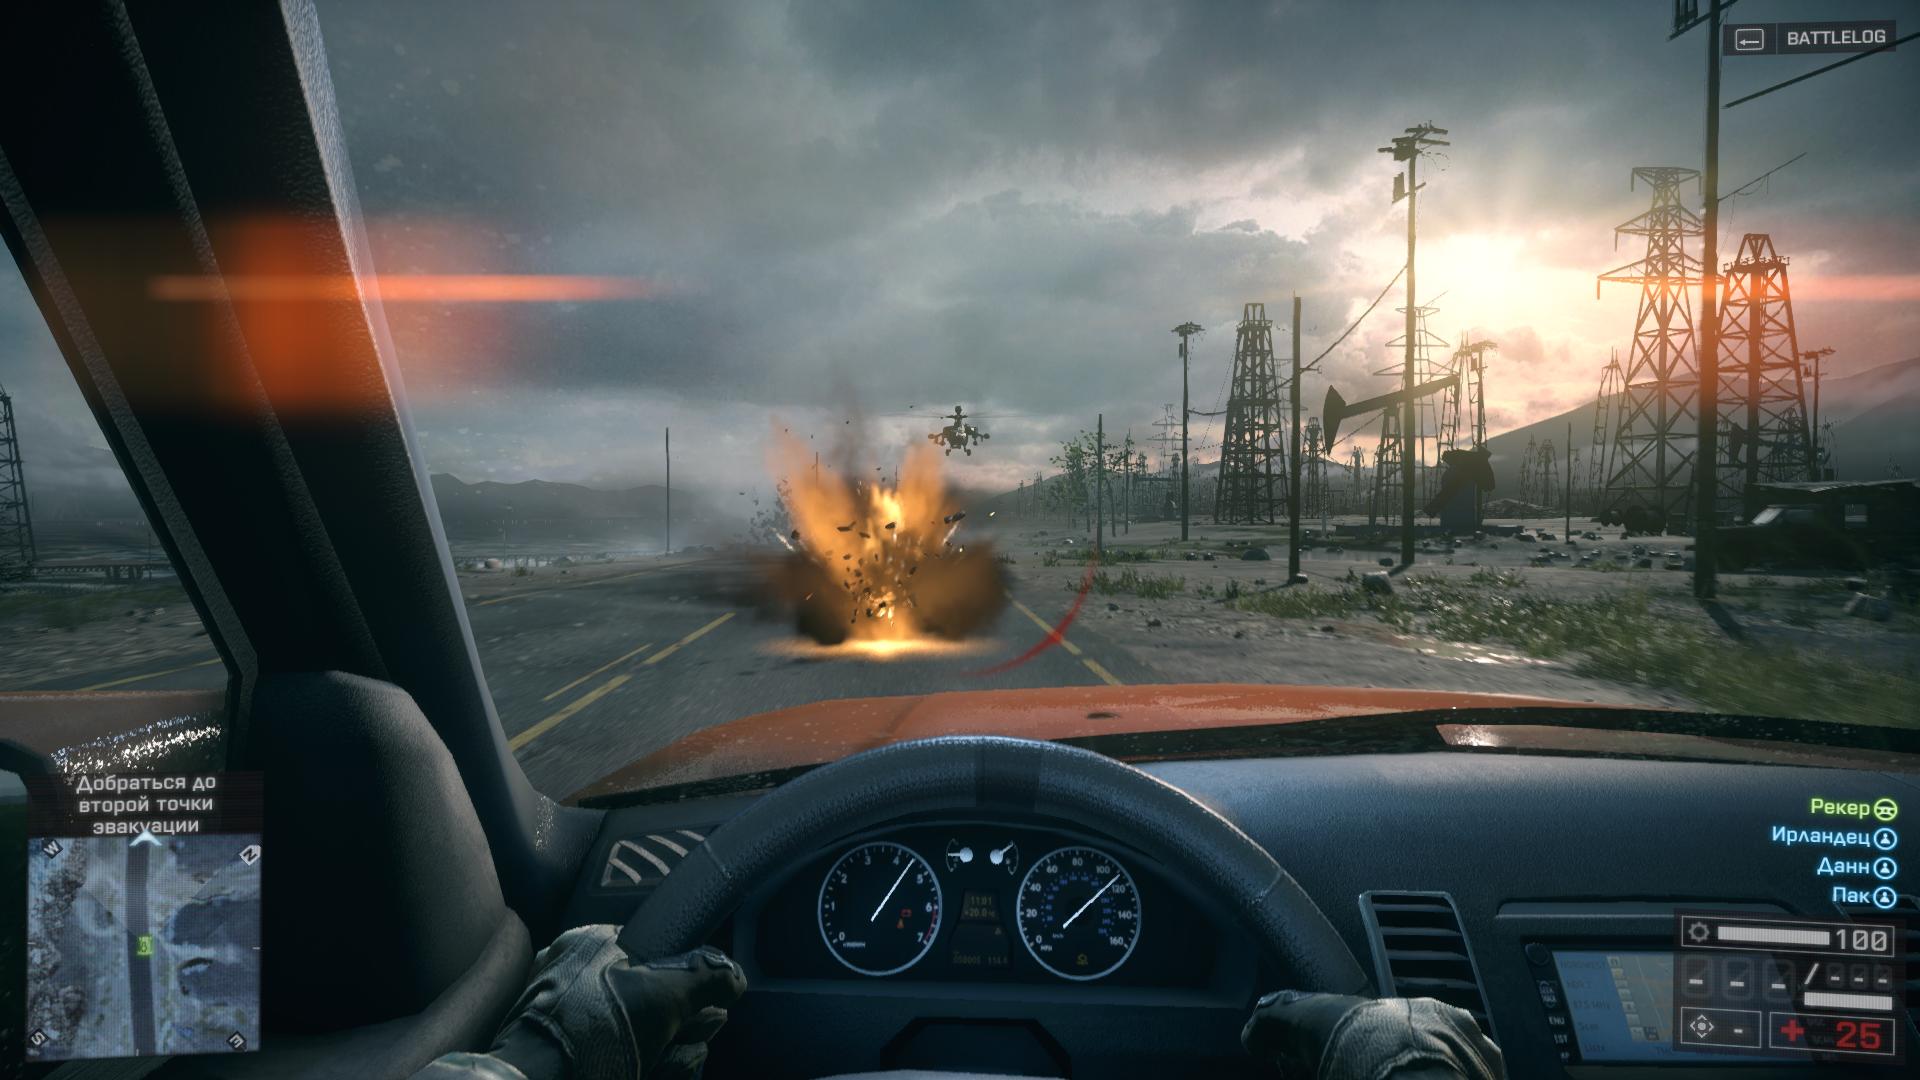 Снимок экрана (26).png - Battlefield 4